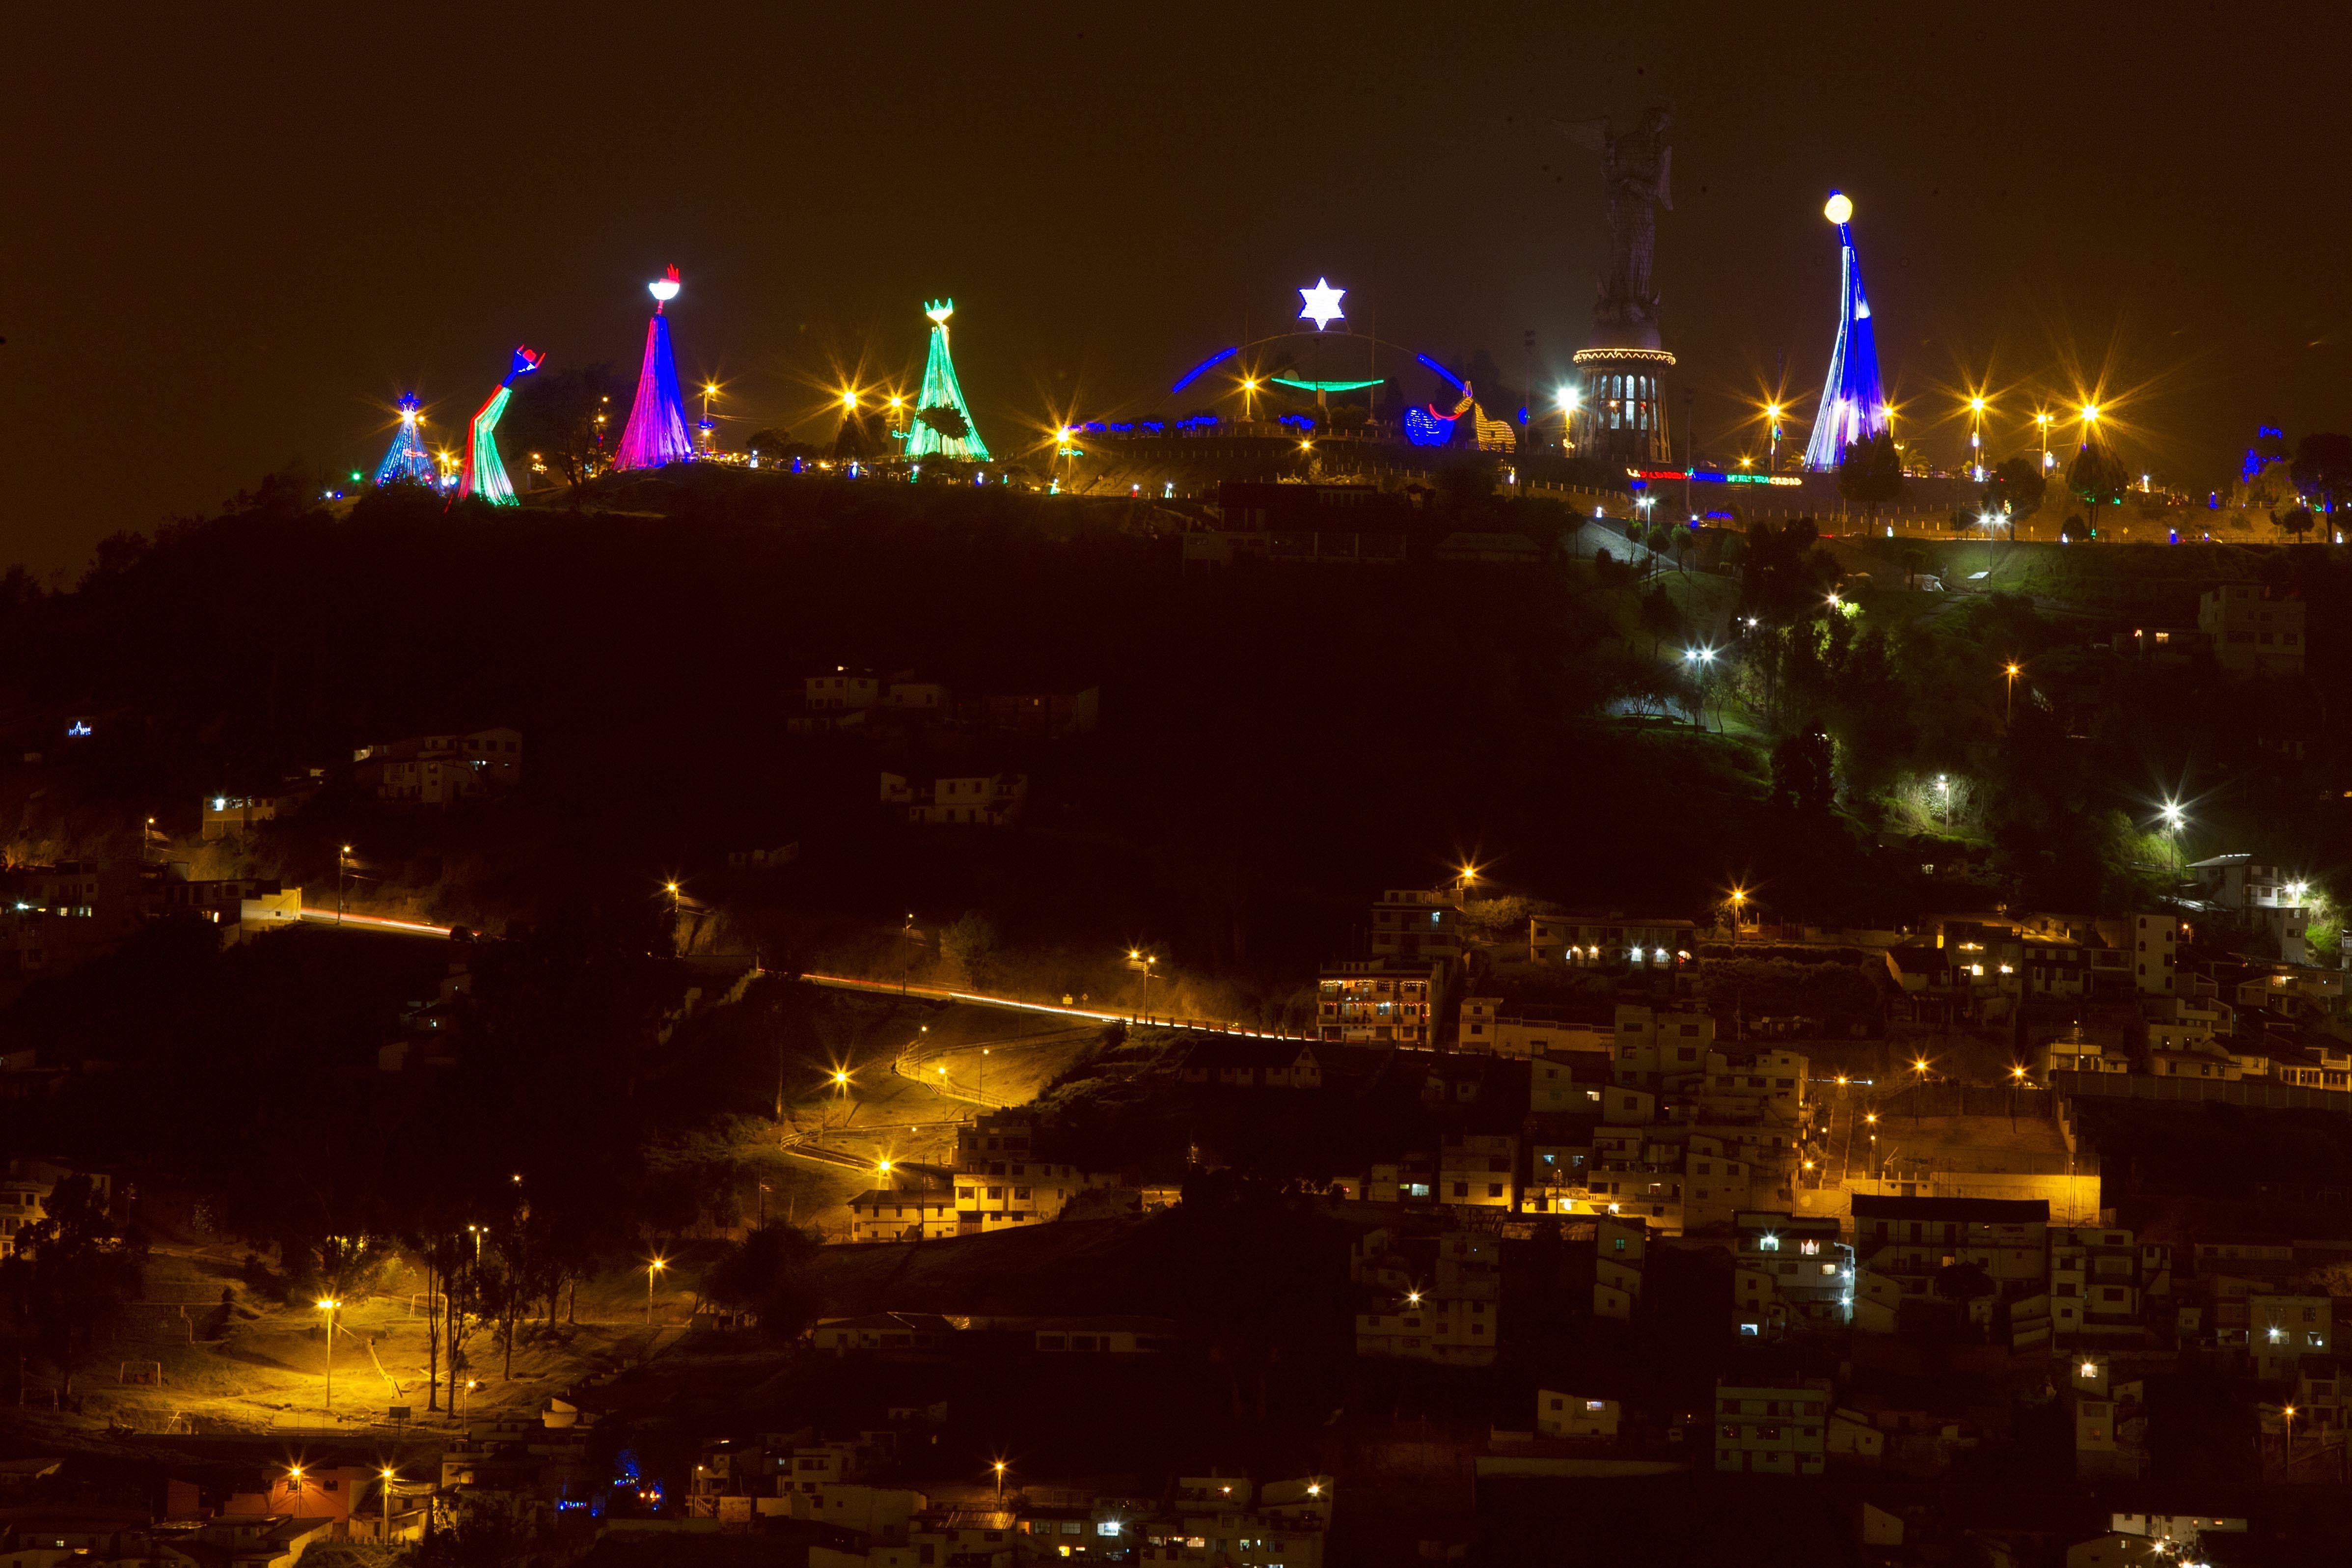 El pesebre gigante ilumina la Navidad en Quito